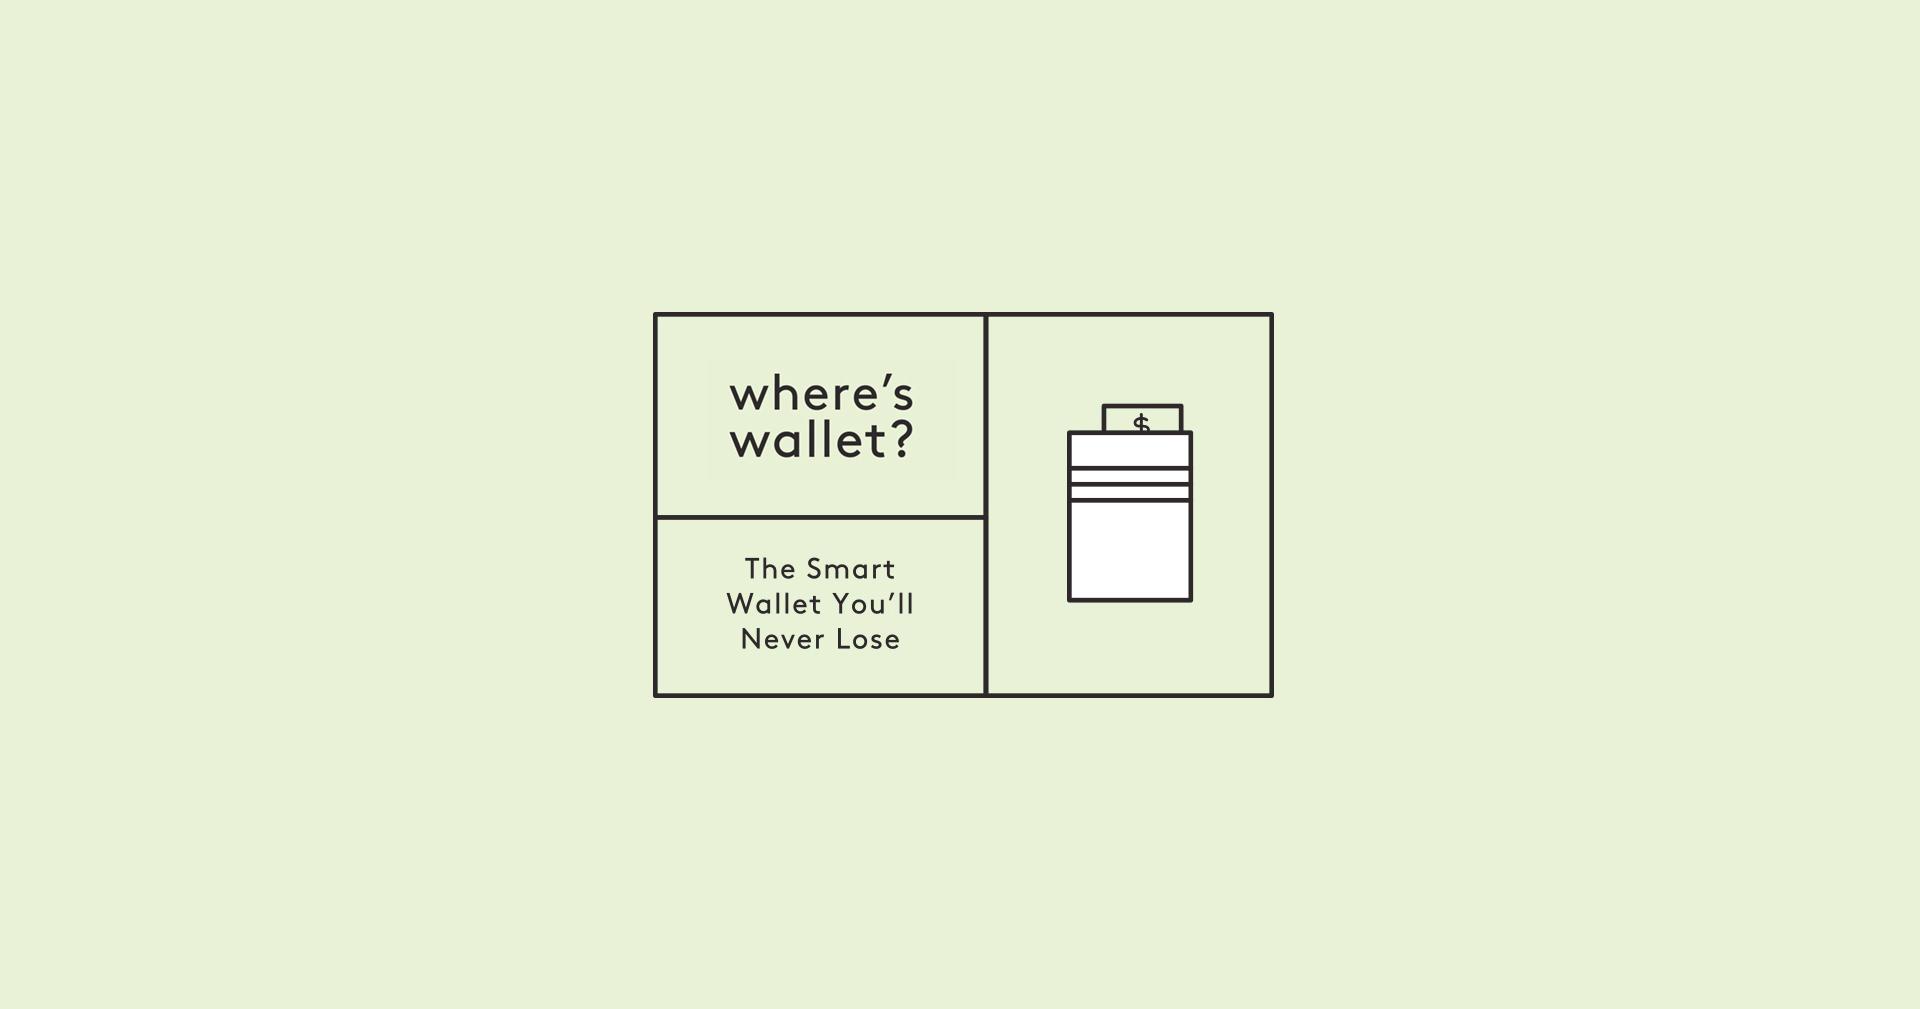 whereswallet-2-intro